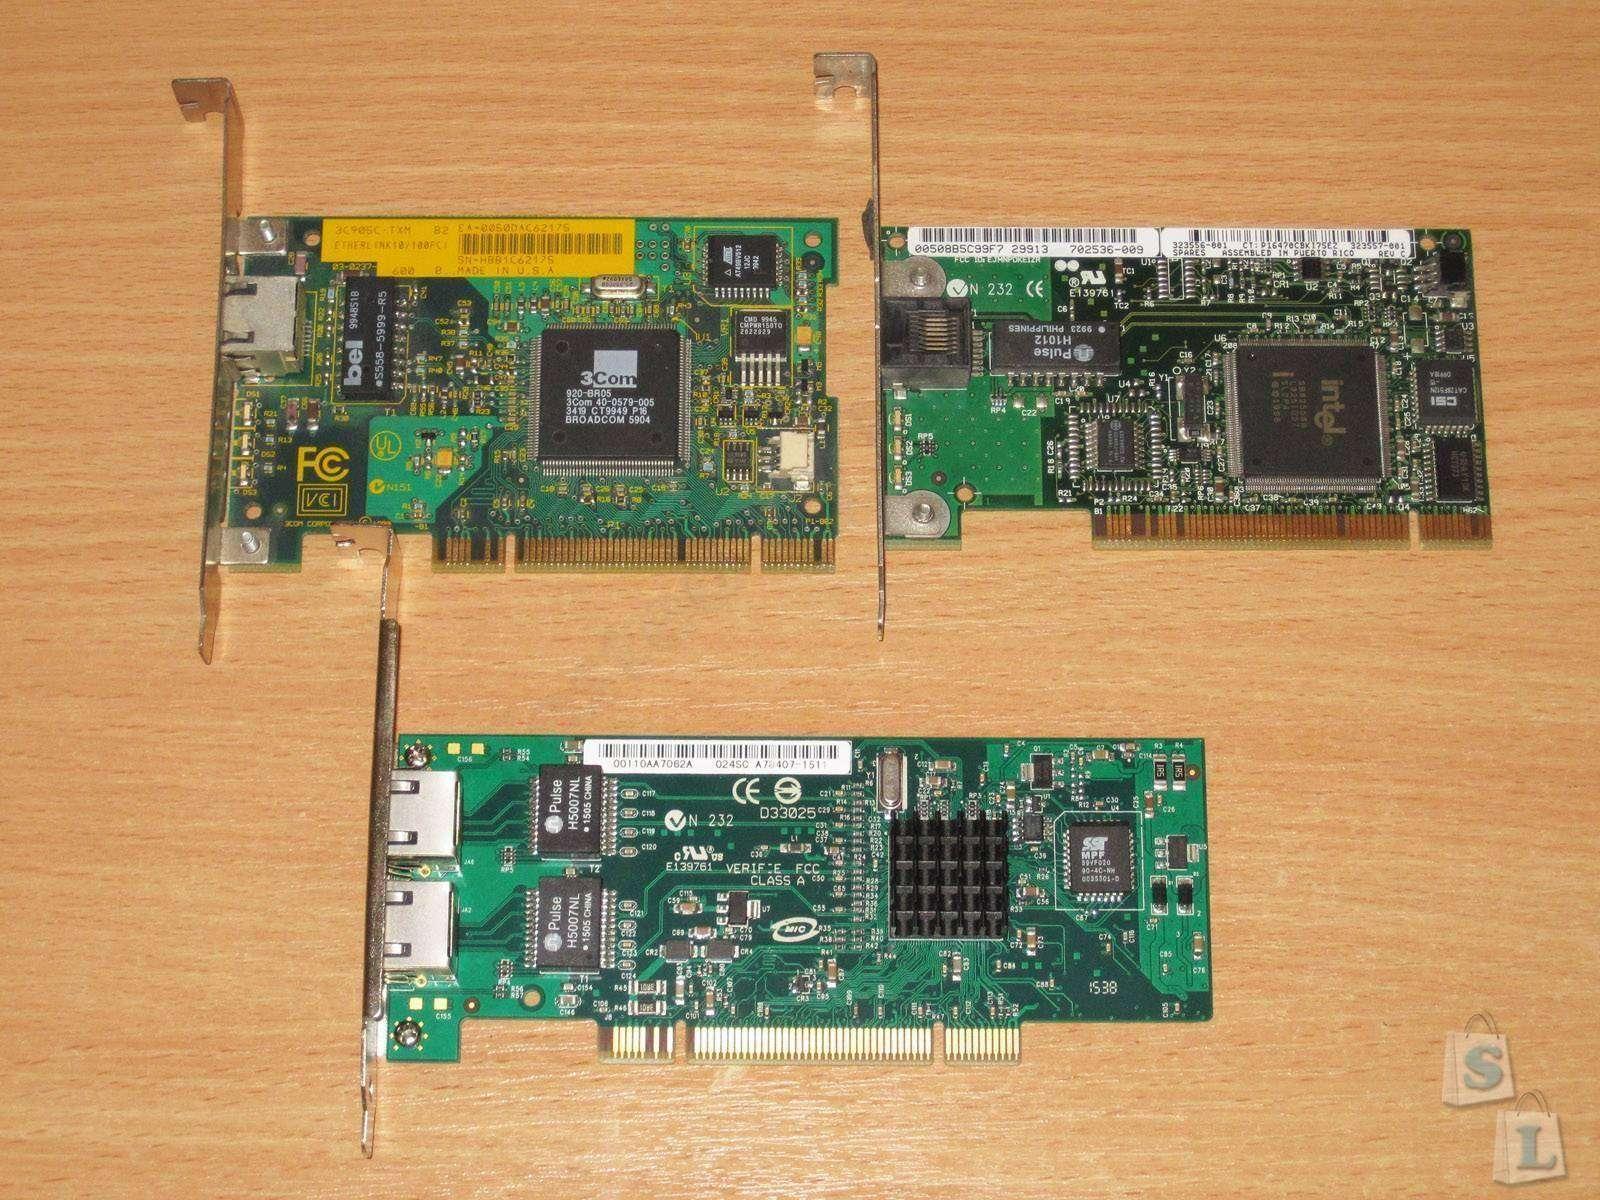 Aliexpress: Серверная сетевая PCI карта с двумя портами Gigabit Ethernet